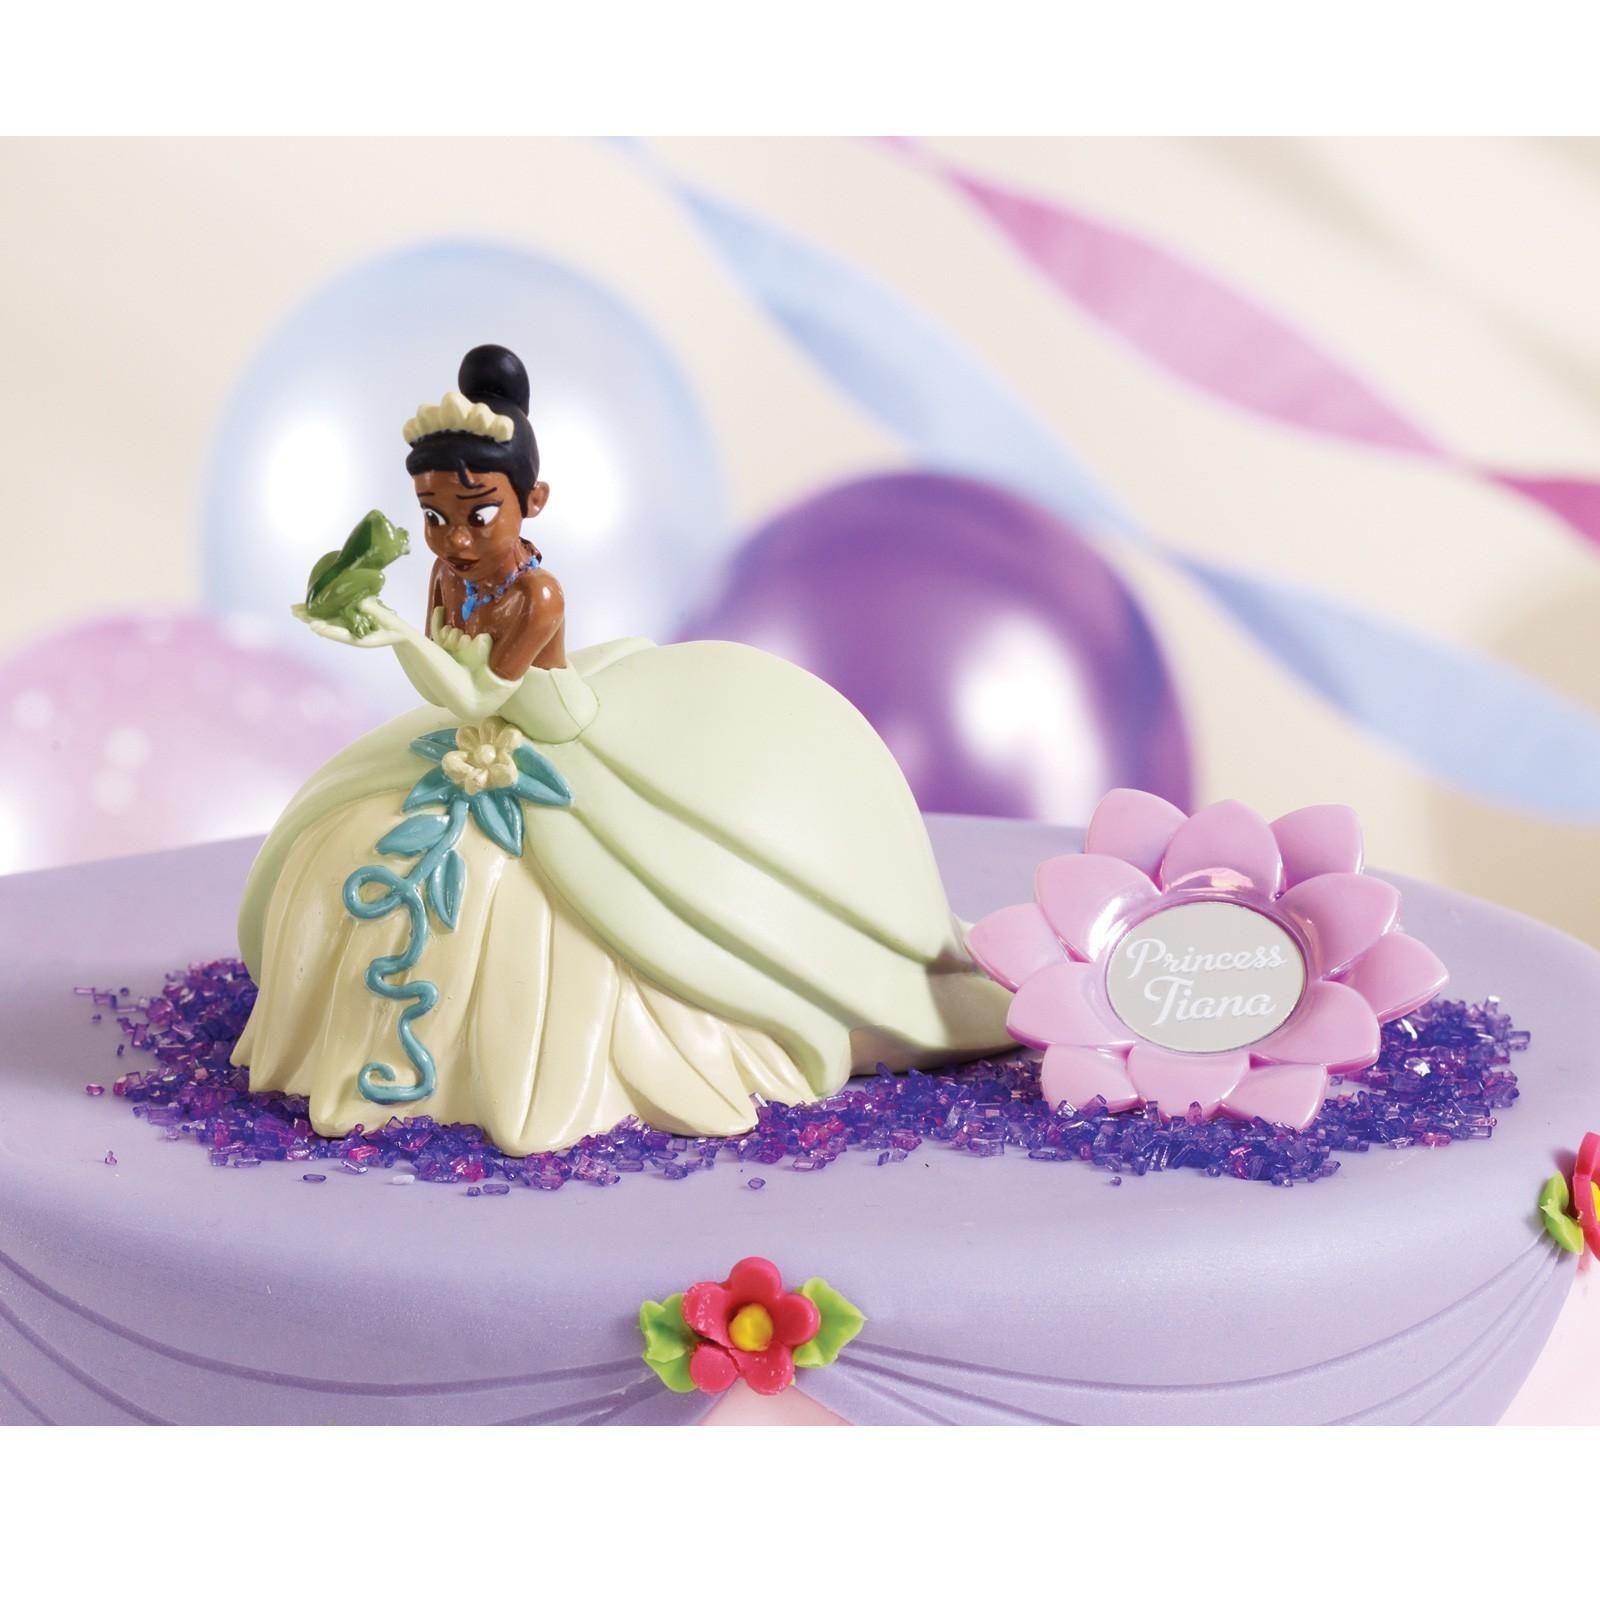 O sapo e a princesa bolos criativos para a festinha de